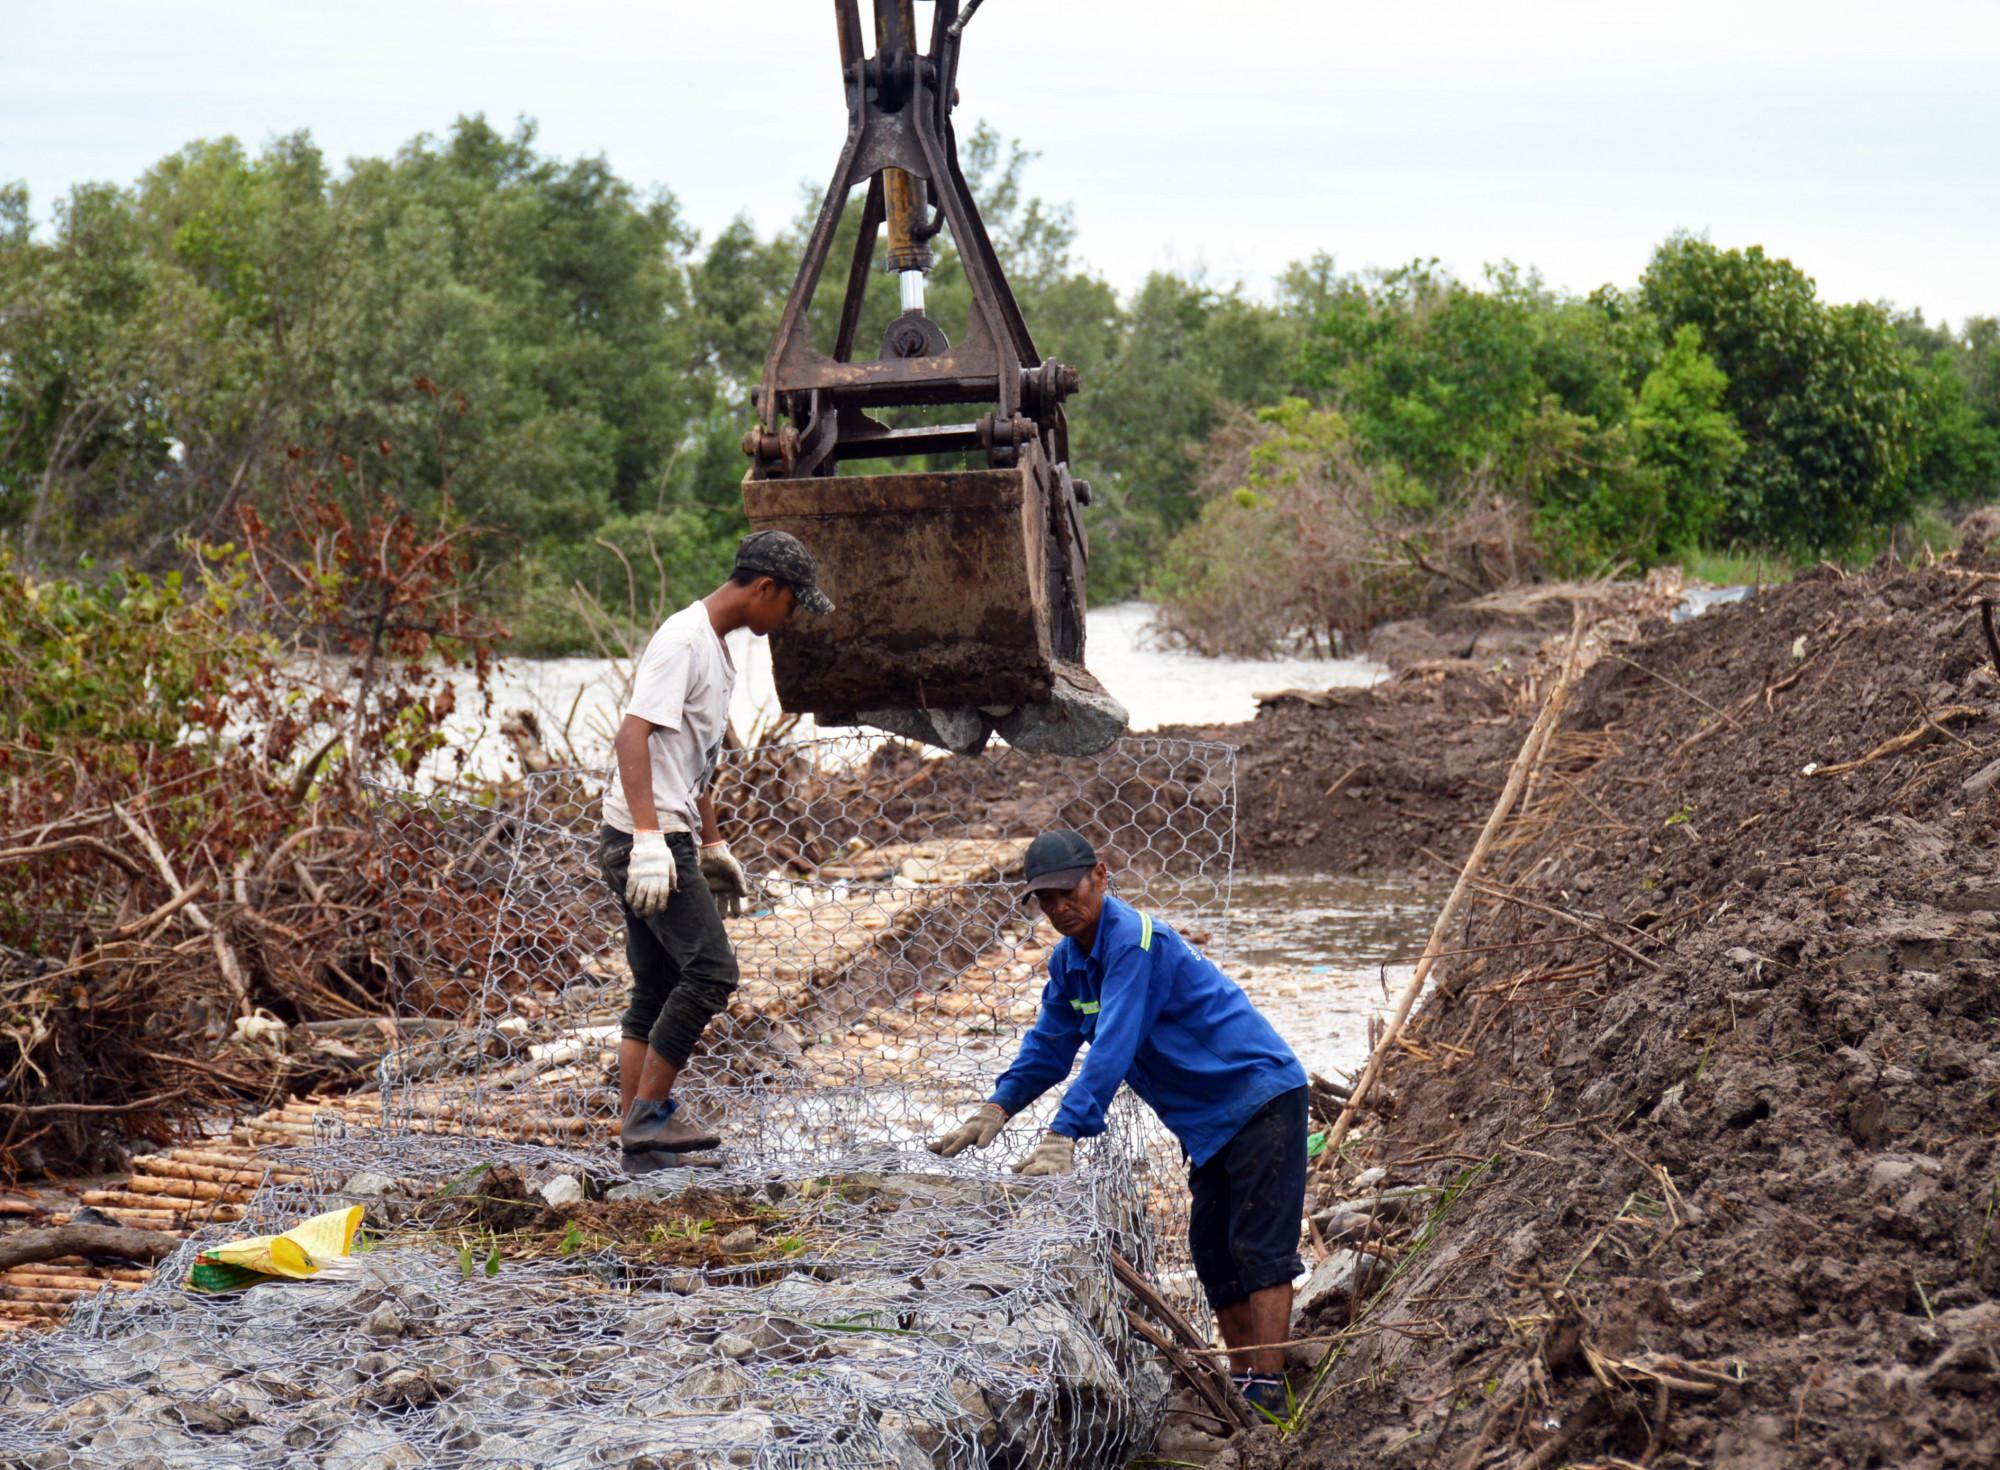 """Giá vật liệu xây dựng tăng bất thường, UBND tỉnh Cà Mau """"cầu cứu"""" Thủ tướng Chính phủ. Ảnh minh họa."""